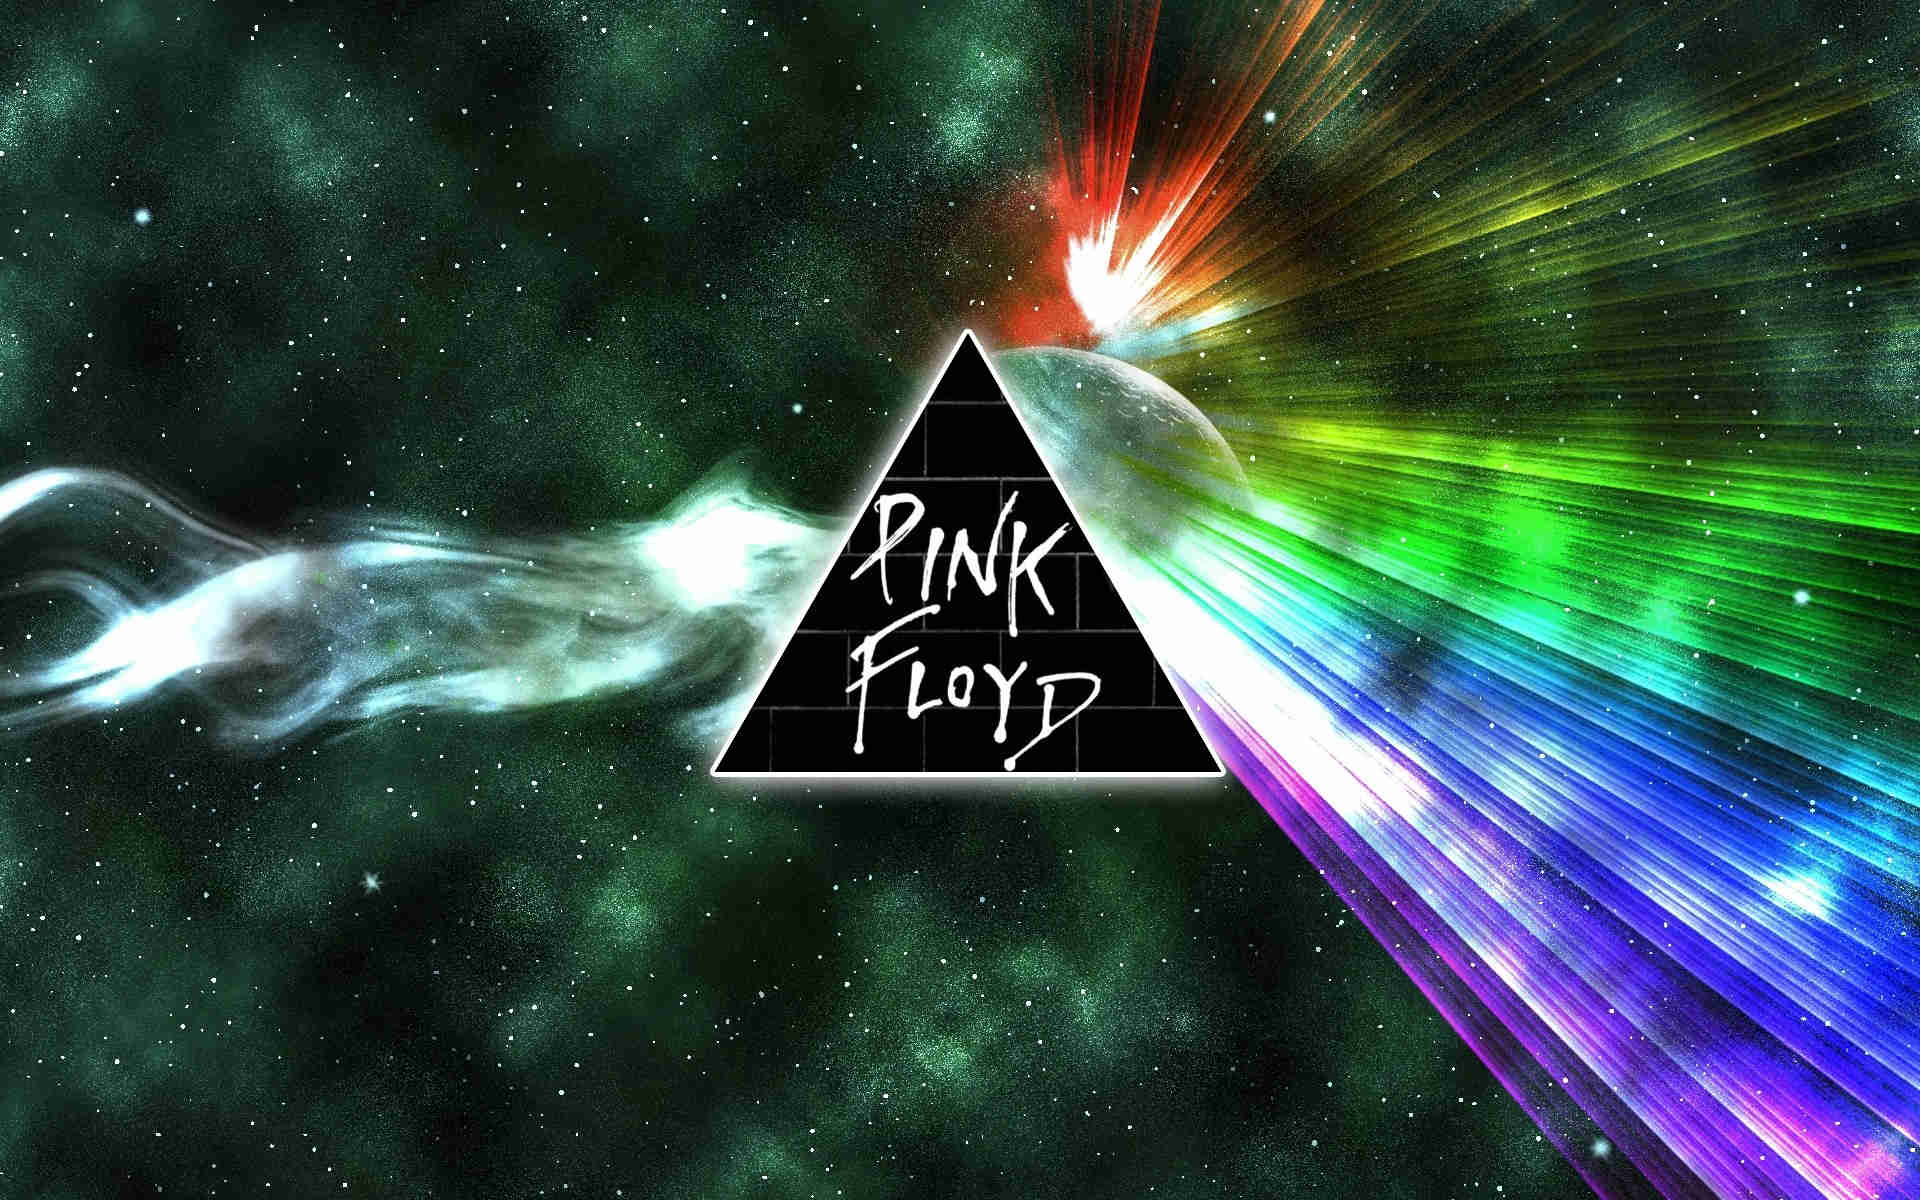 Pink Floyd Widescreen Wallpaper